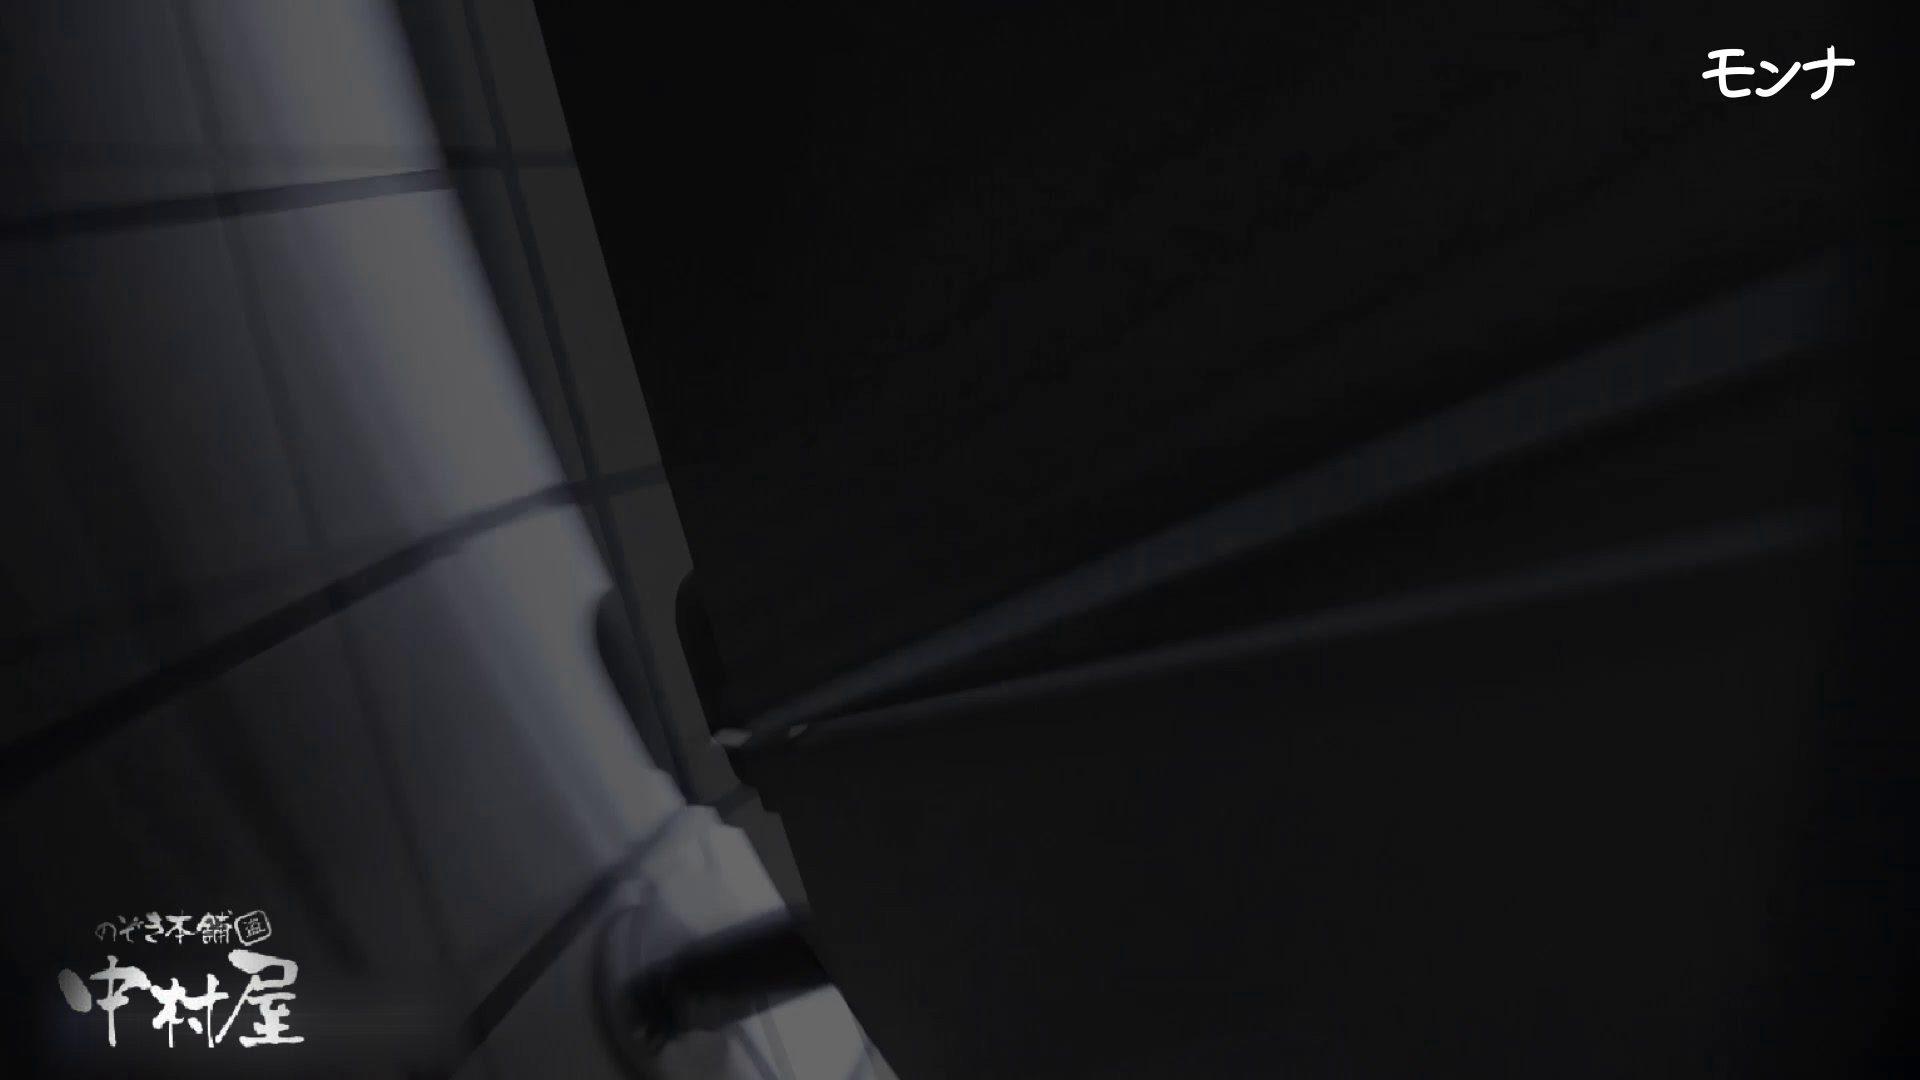 【美しい日本の未来】美しい日本の未来 No.69 ひやっと!終始15cmのしらすを垂らしながら・・・ OLハメ撮り  105Pix 57